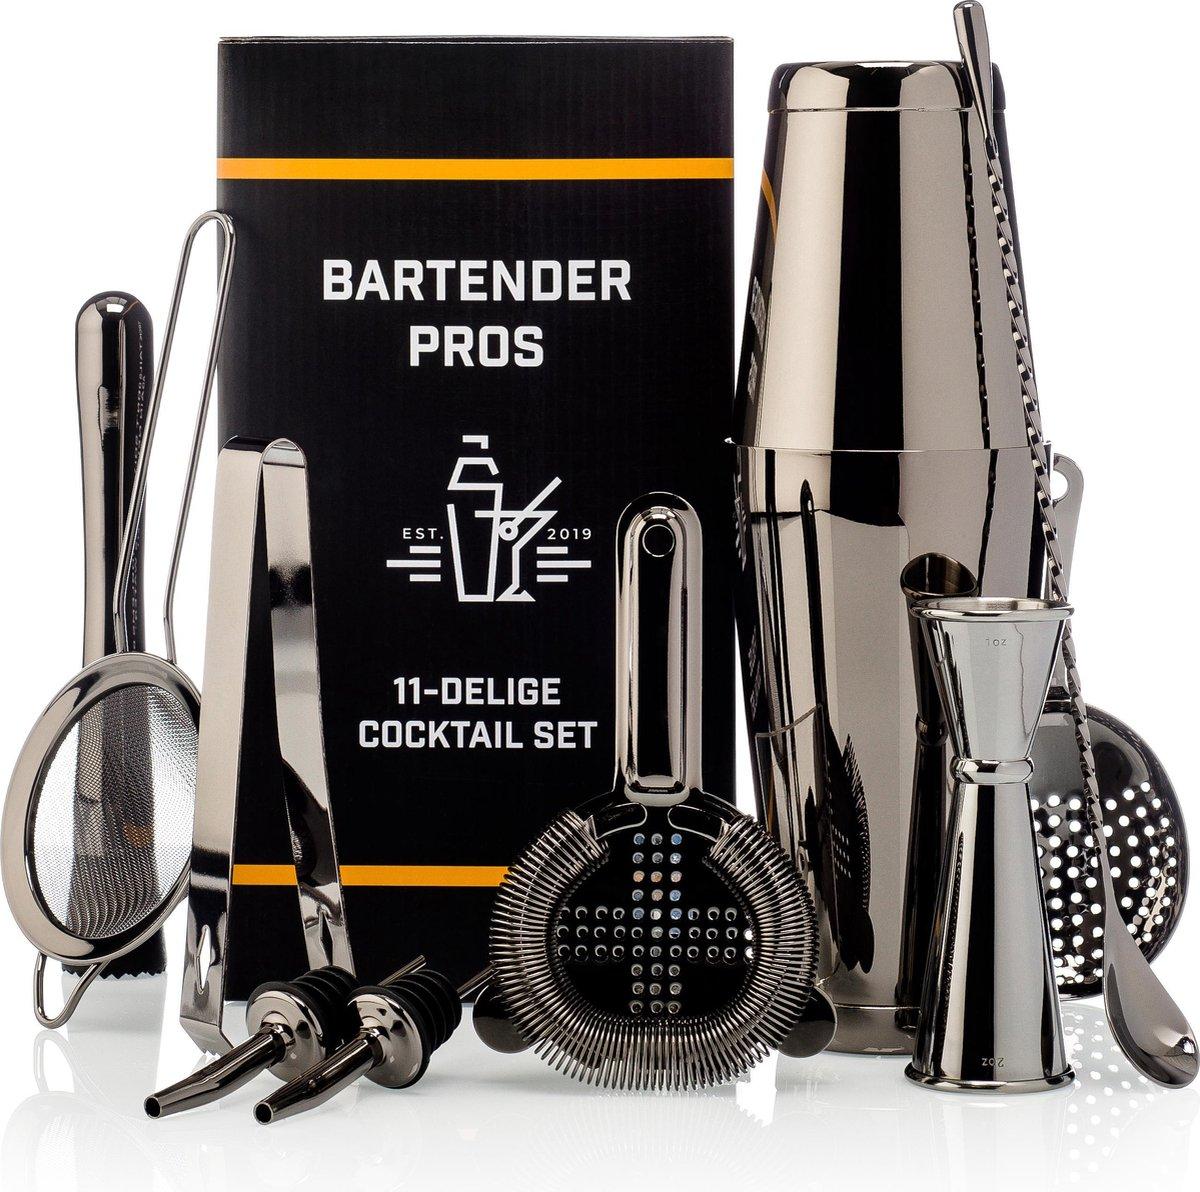 Cocktail Set Bartender Pros  - Cocktail Shaker - 11-Delige Cocktailset - Boston shaker - Cocktailsha